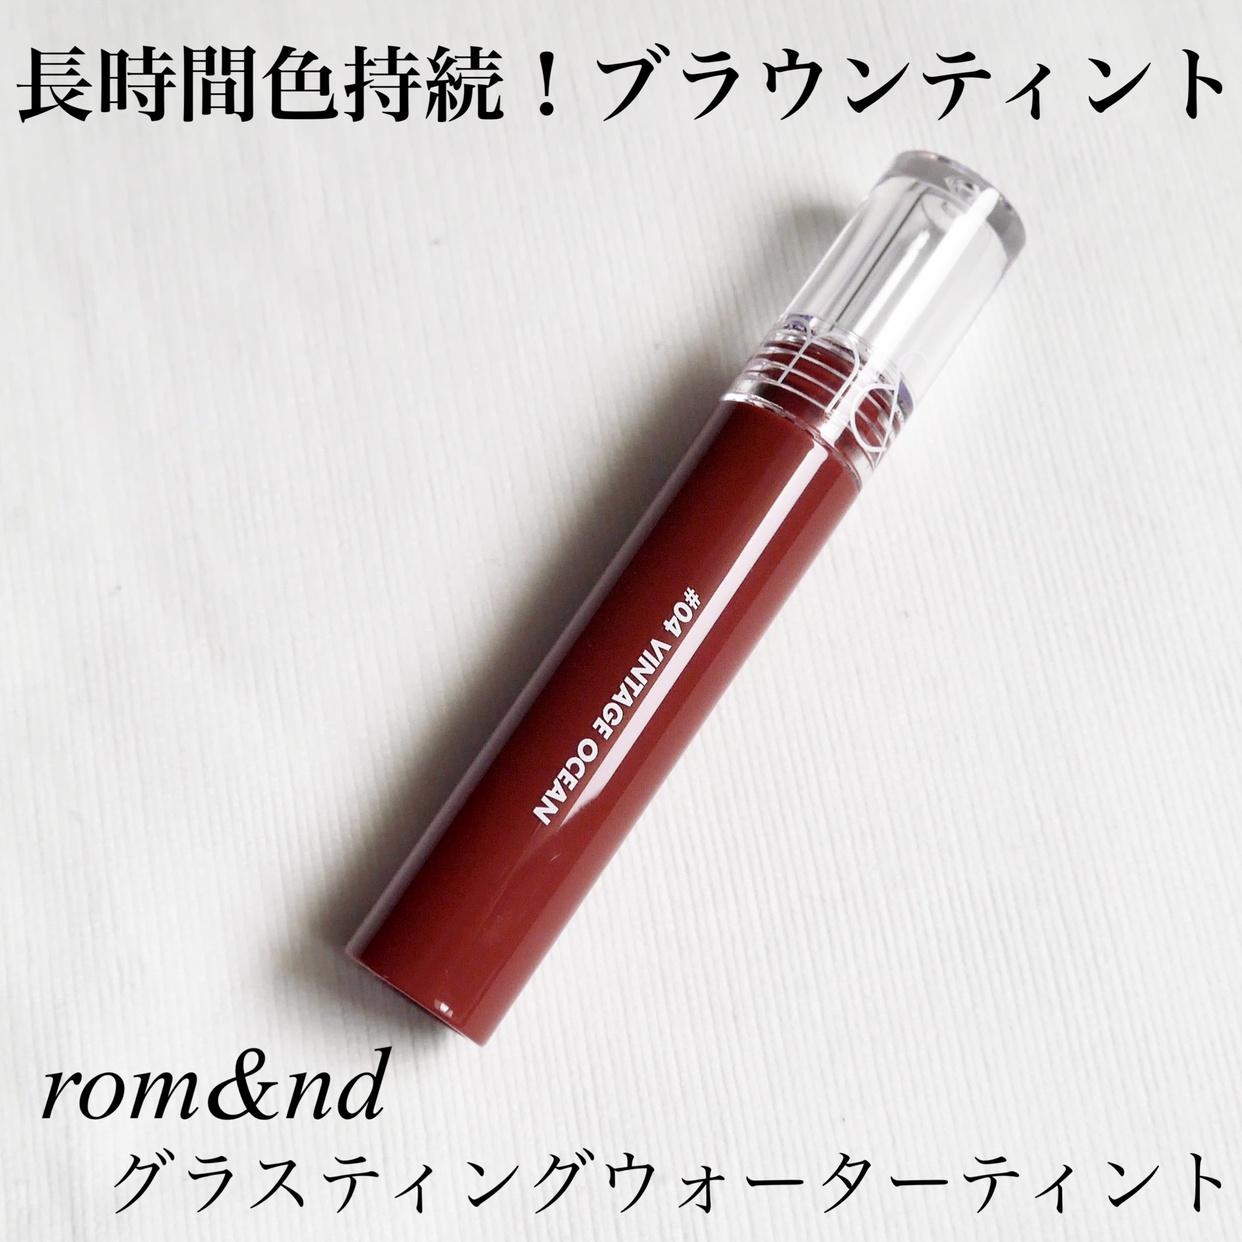 rom&nd(ロムアンド) グラスティングウォーターティントを使ったcos.riocaさんのクチコミ画像